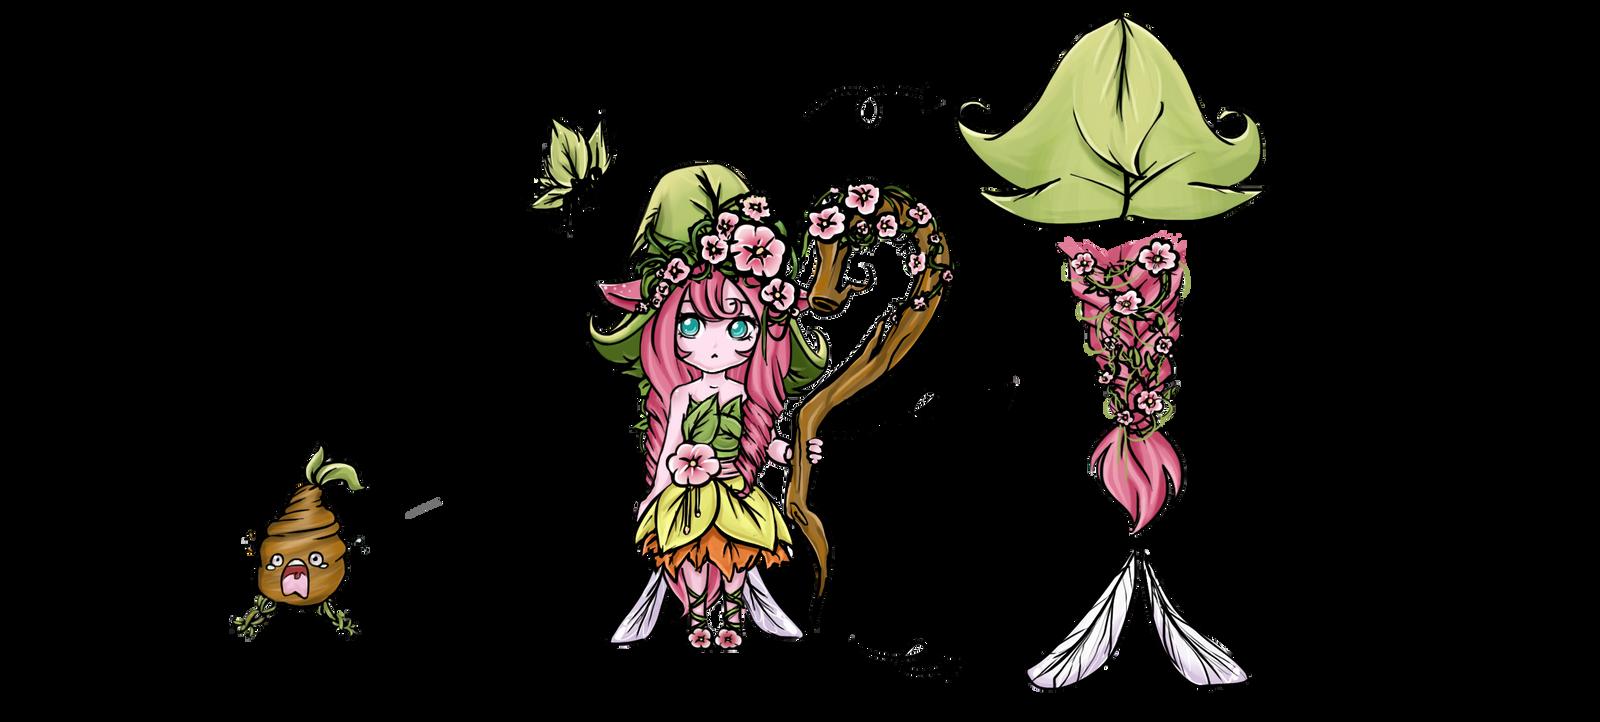 Enchanted Lulu by Shourei